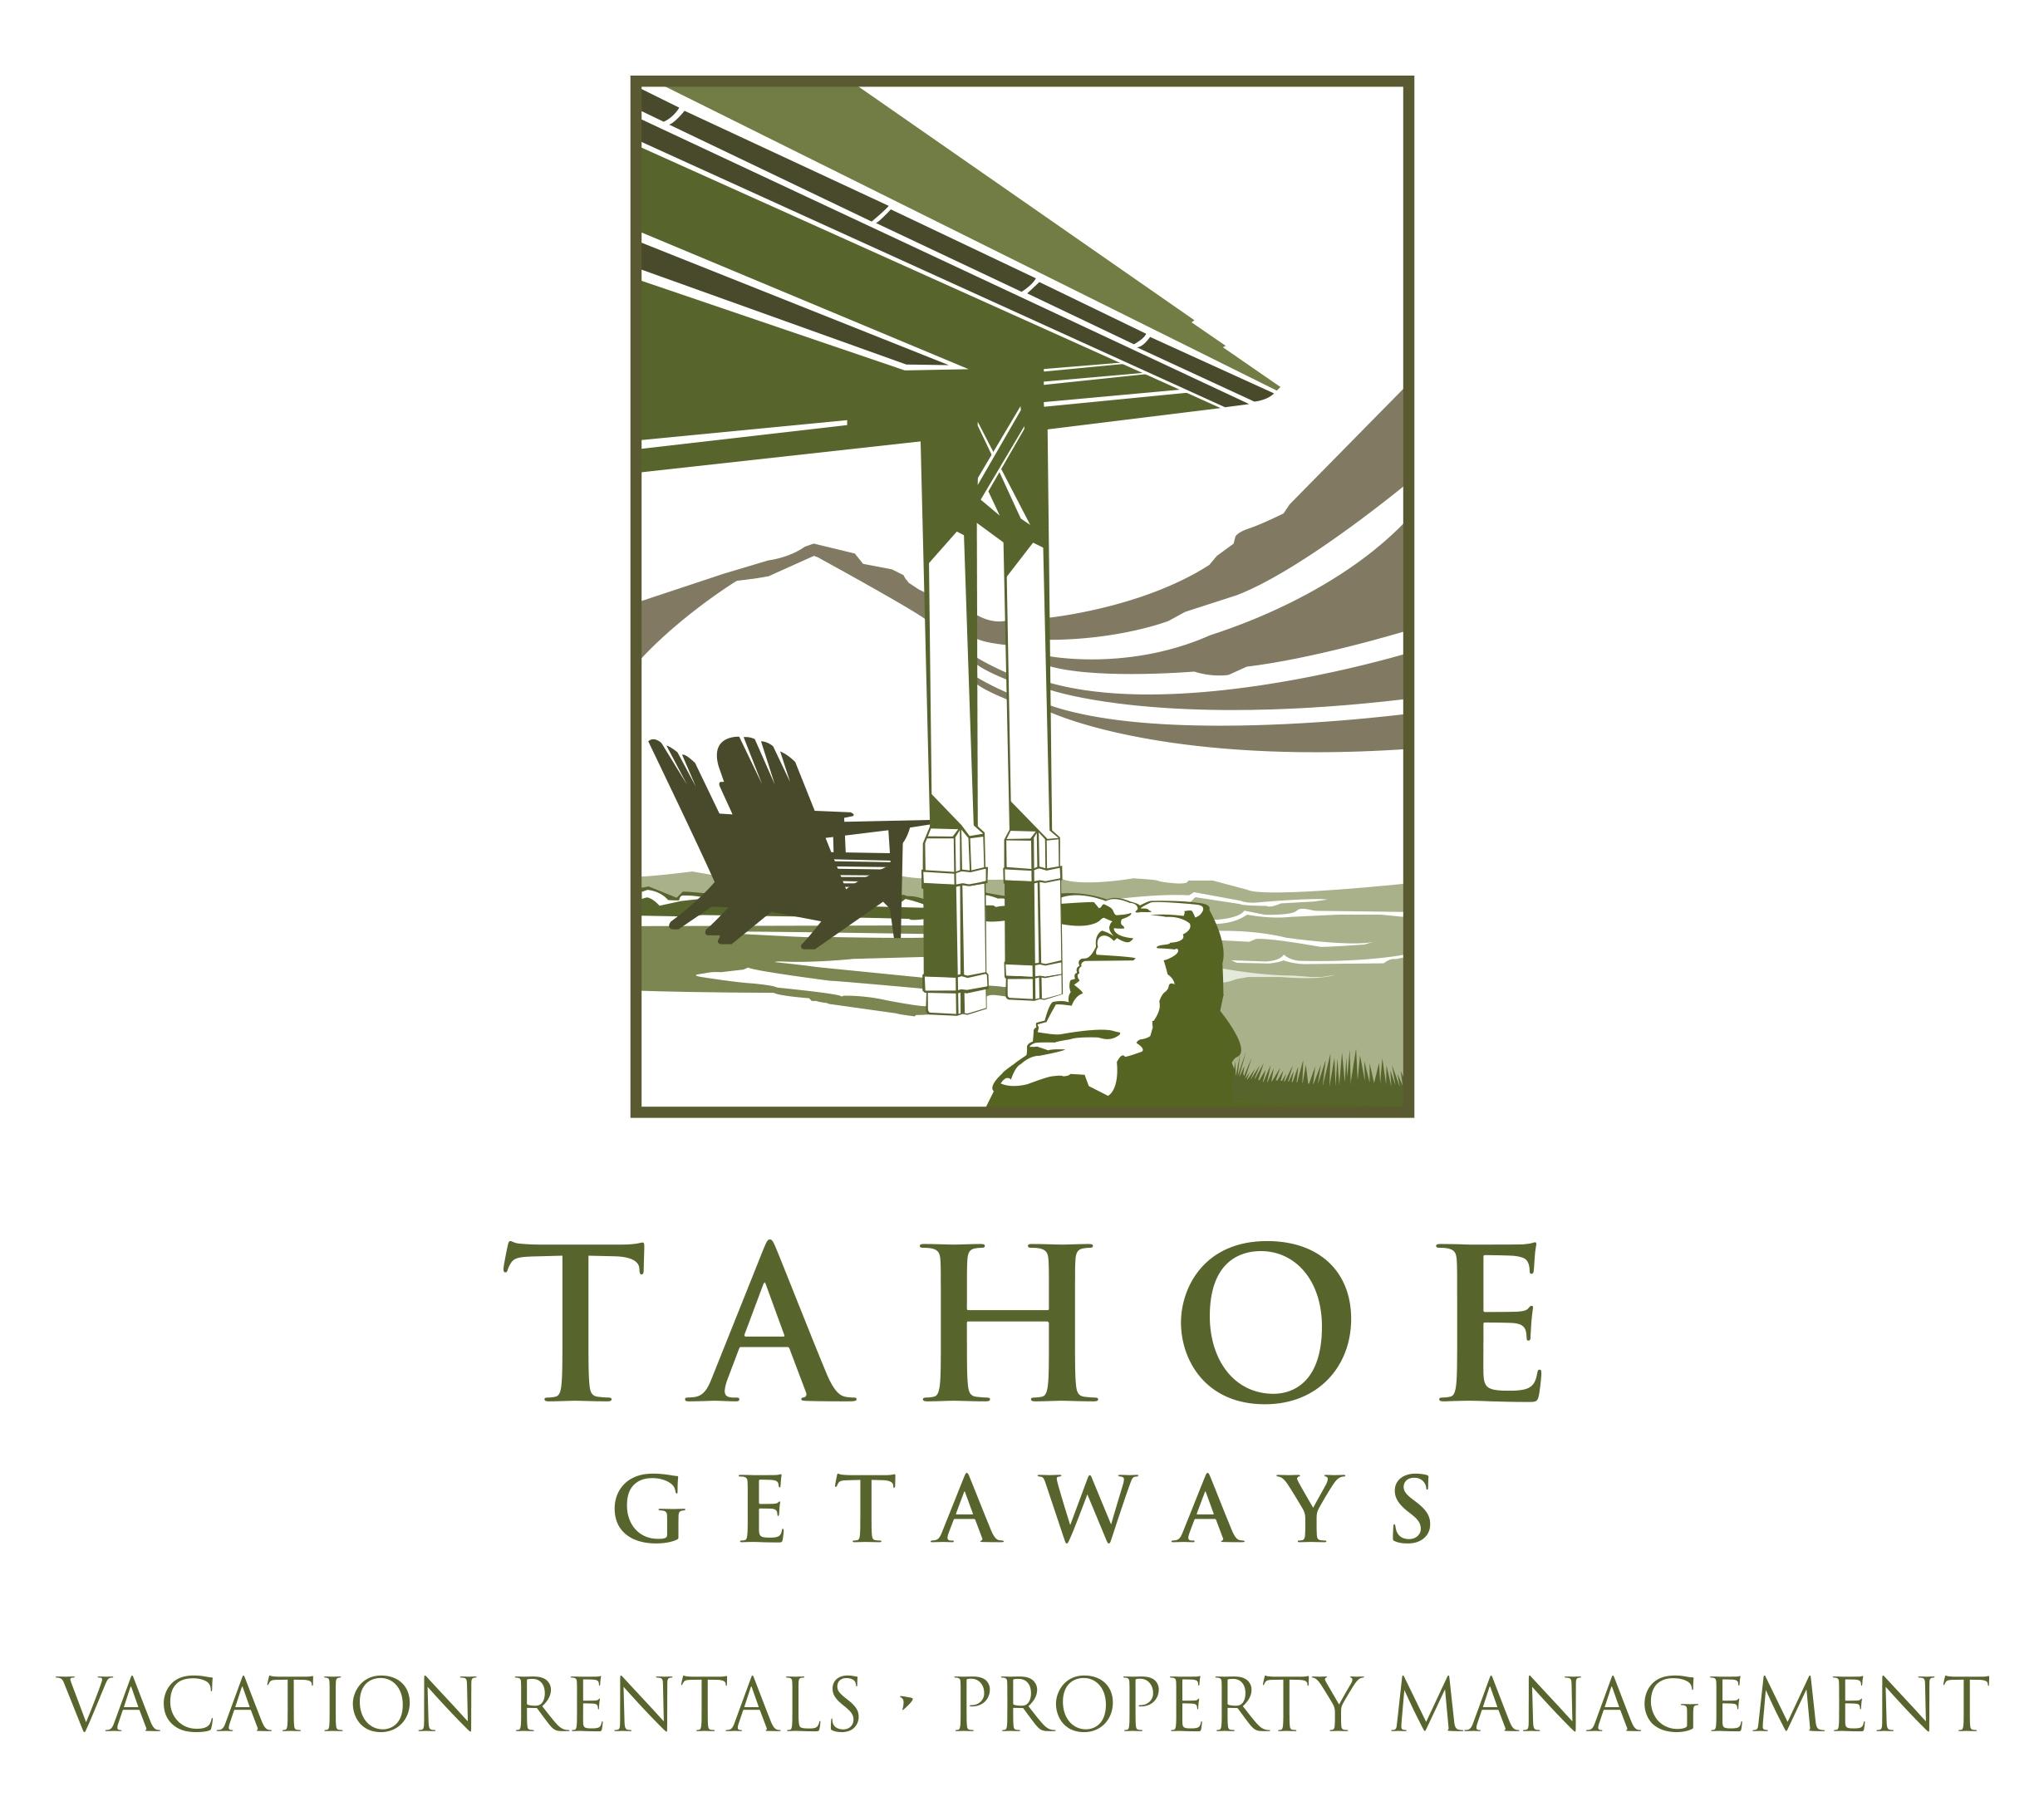 Tahoe getaways jpeg.jpg